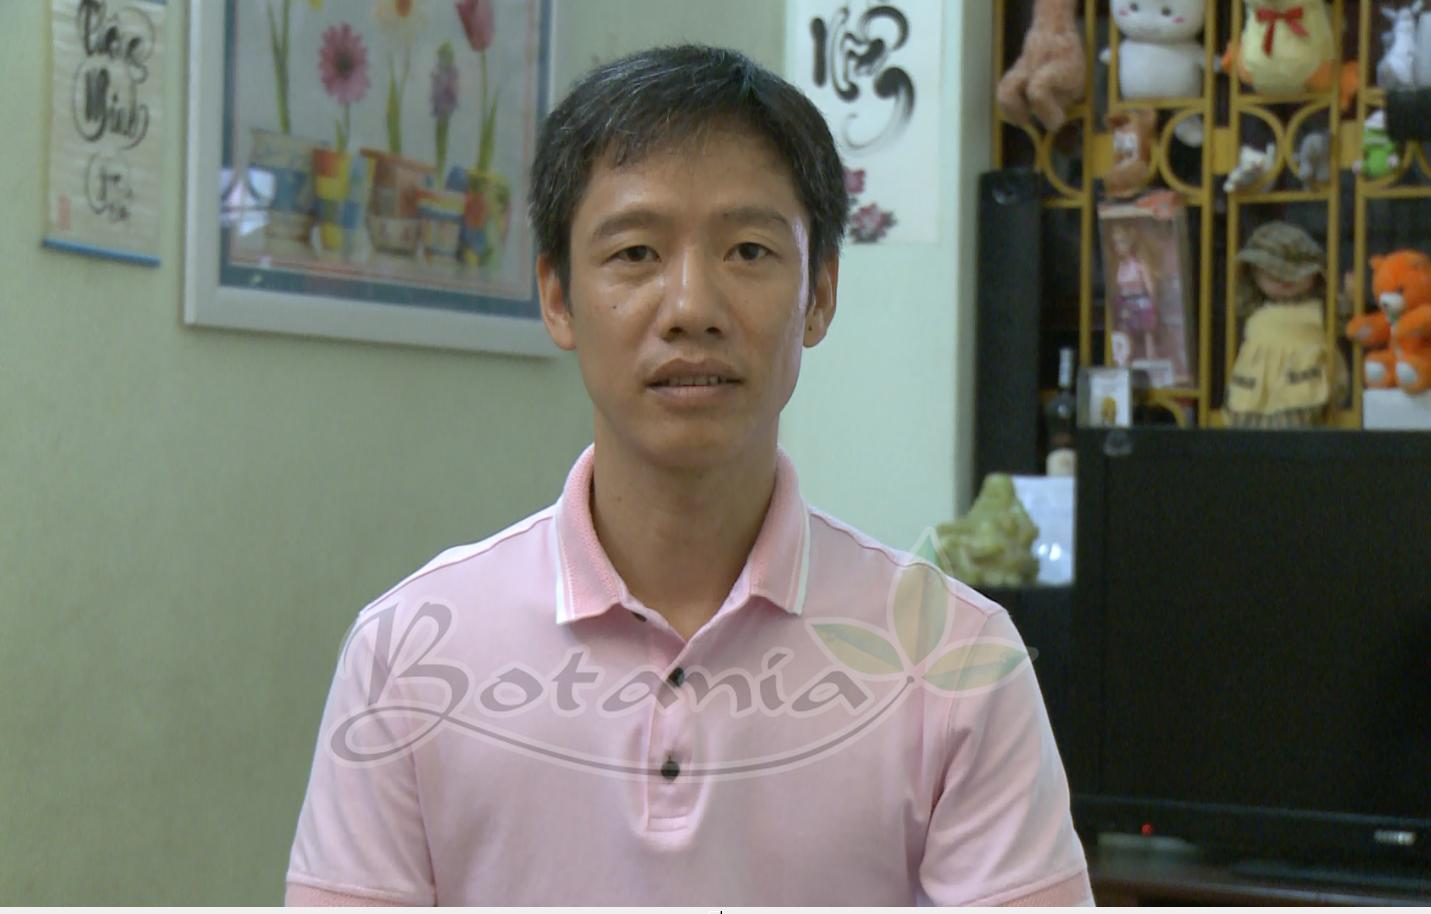 anh Trần Quang Tranh, 43 tuổi ở số 16, ngõ 81, phố Đức Giang, Long Biên, Hà Nội, điện thoại: 0936.377.068